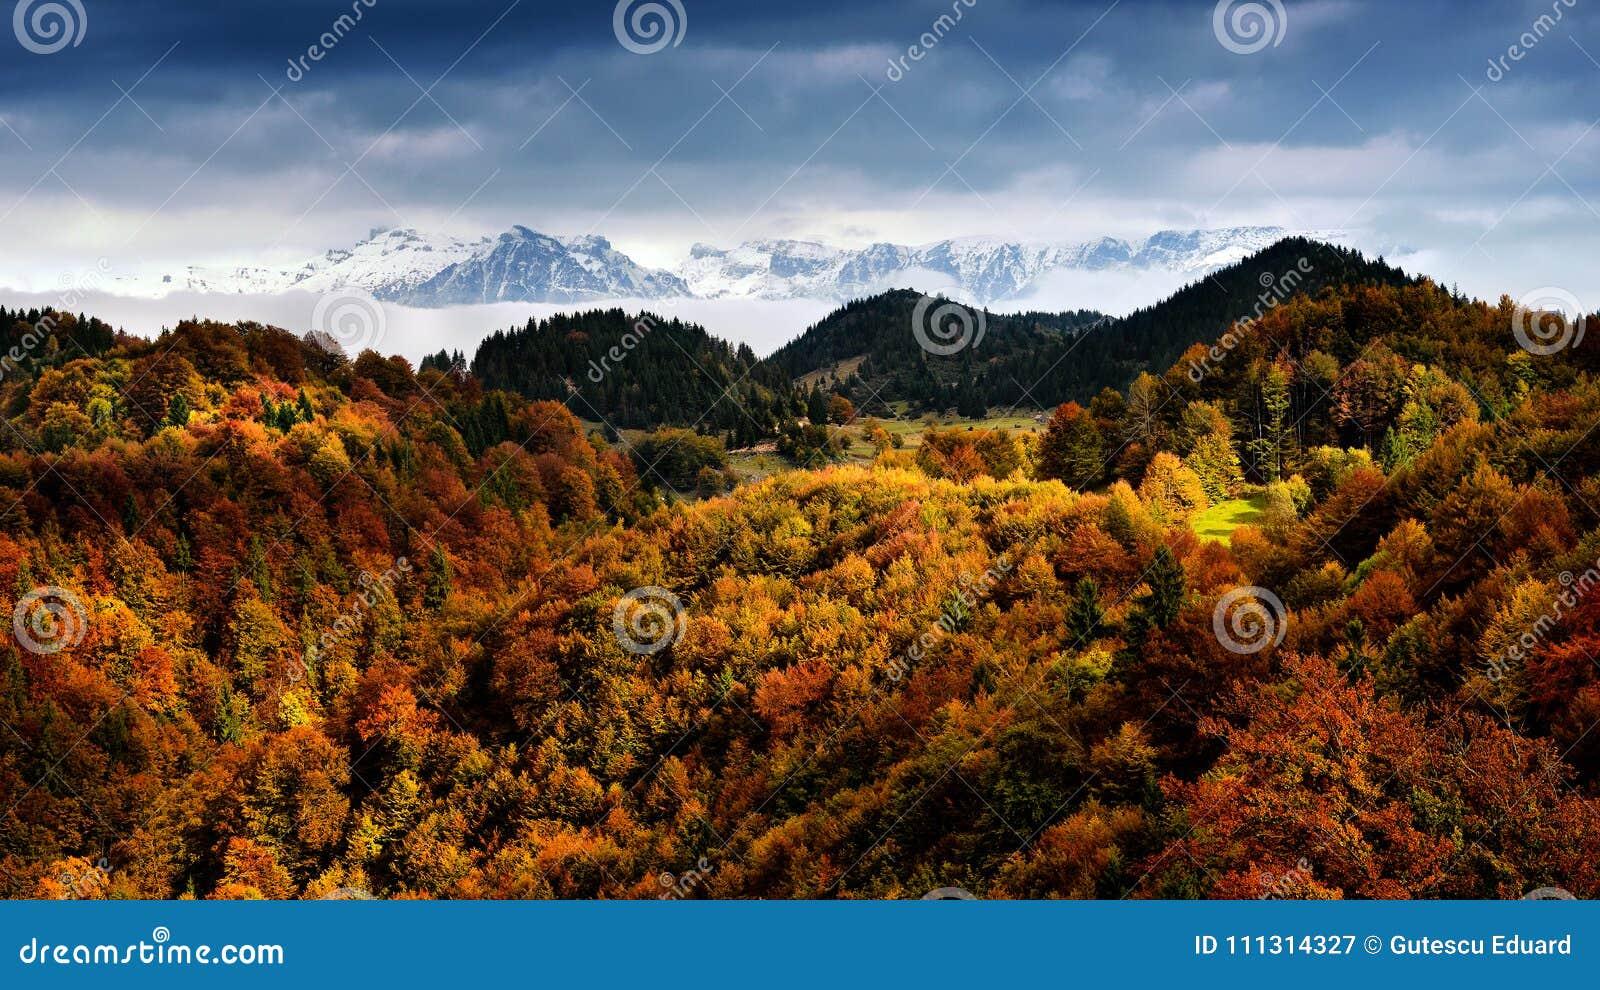 Cena em Romênia, paisagem bonita do inverno e do outono de montanhas Carpathian selvagens